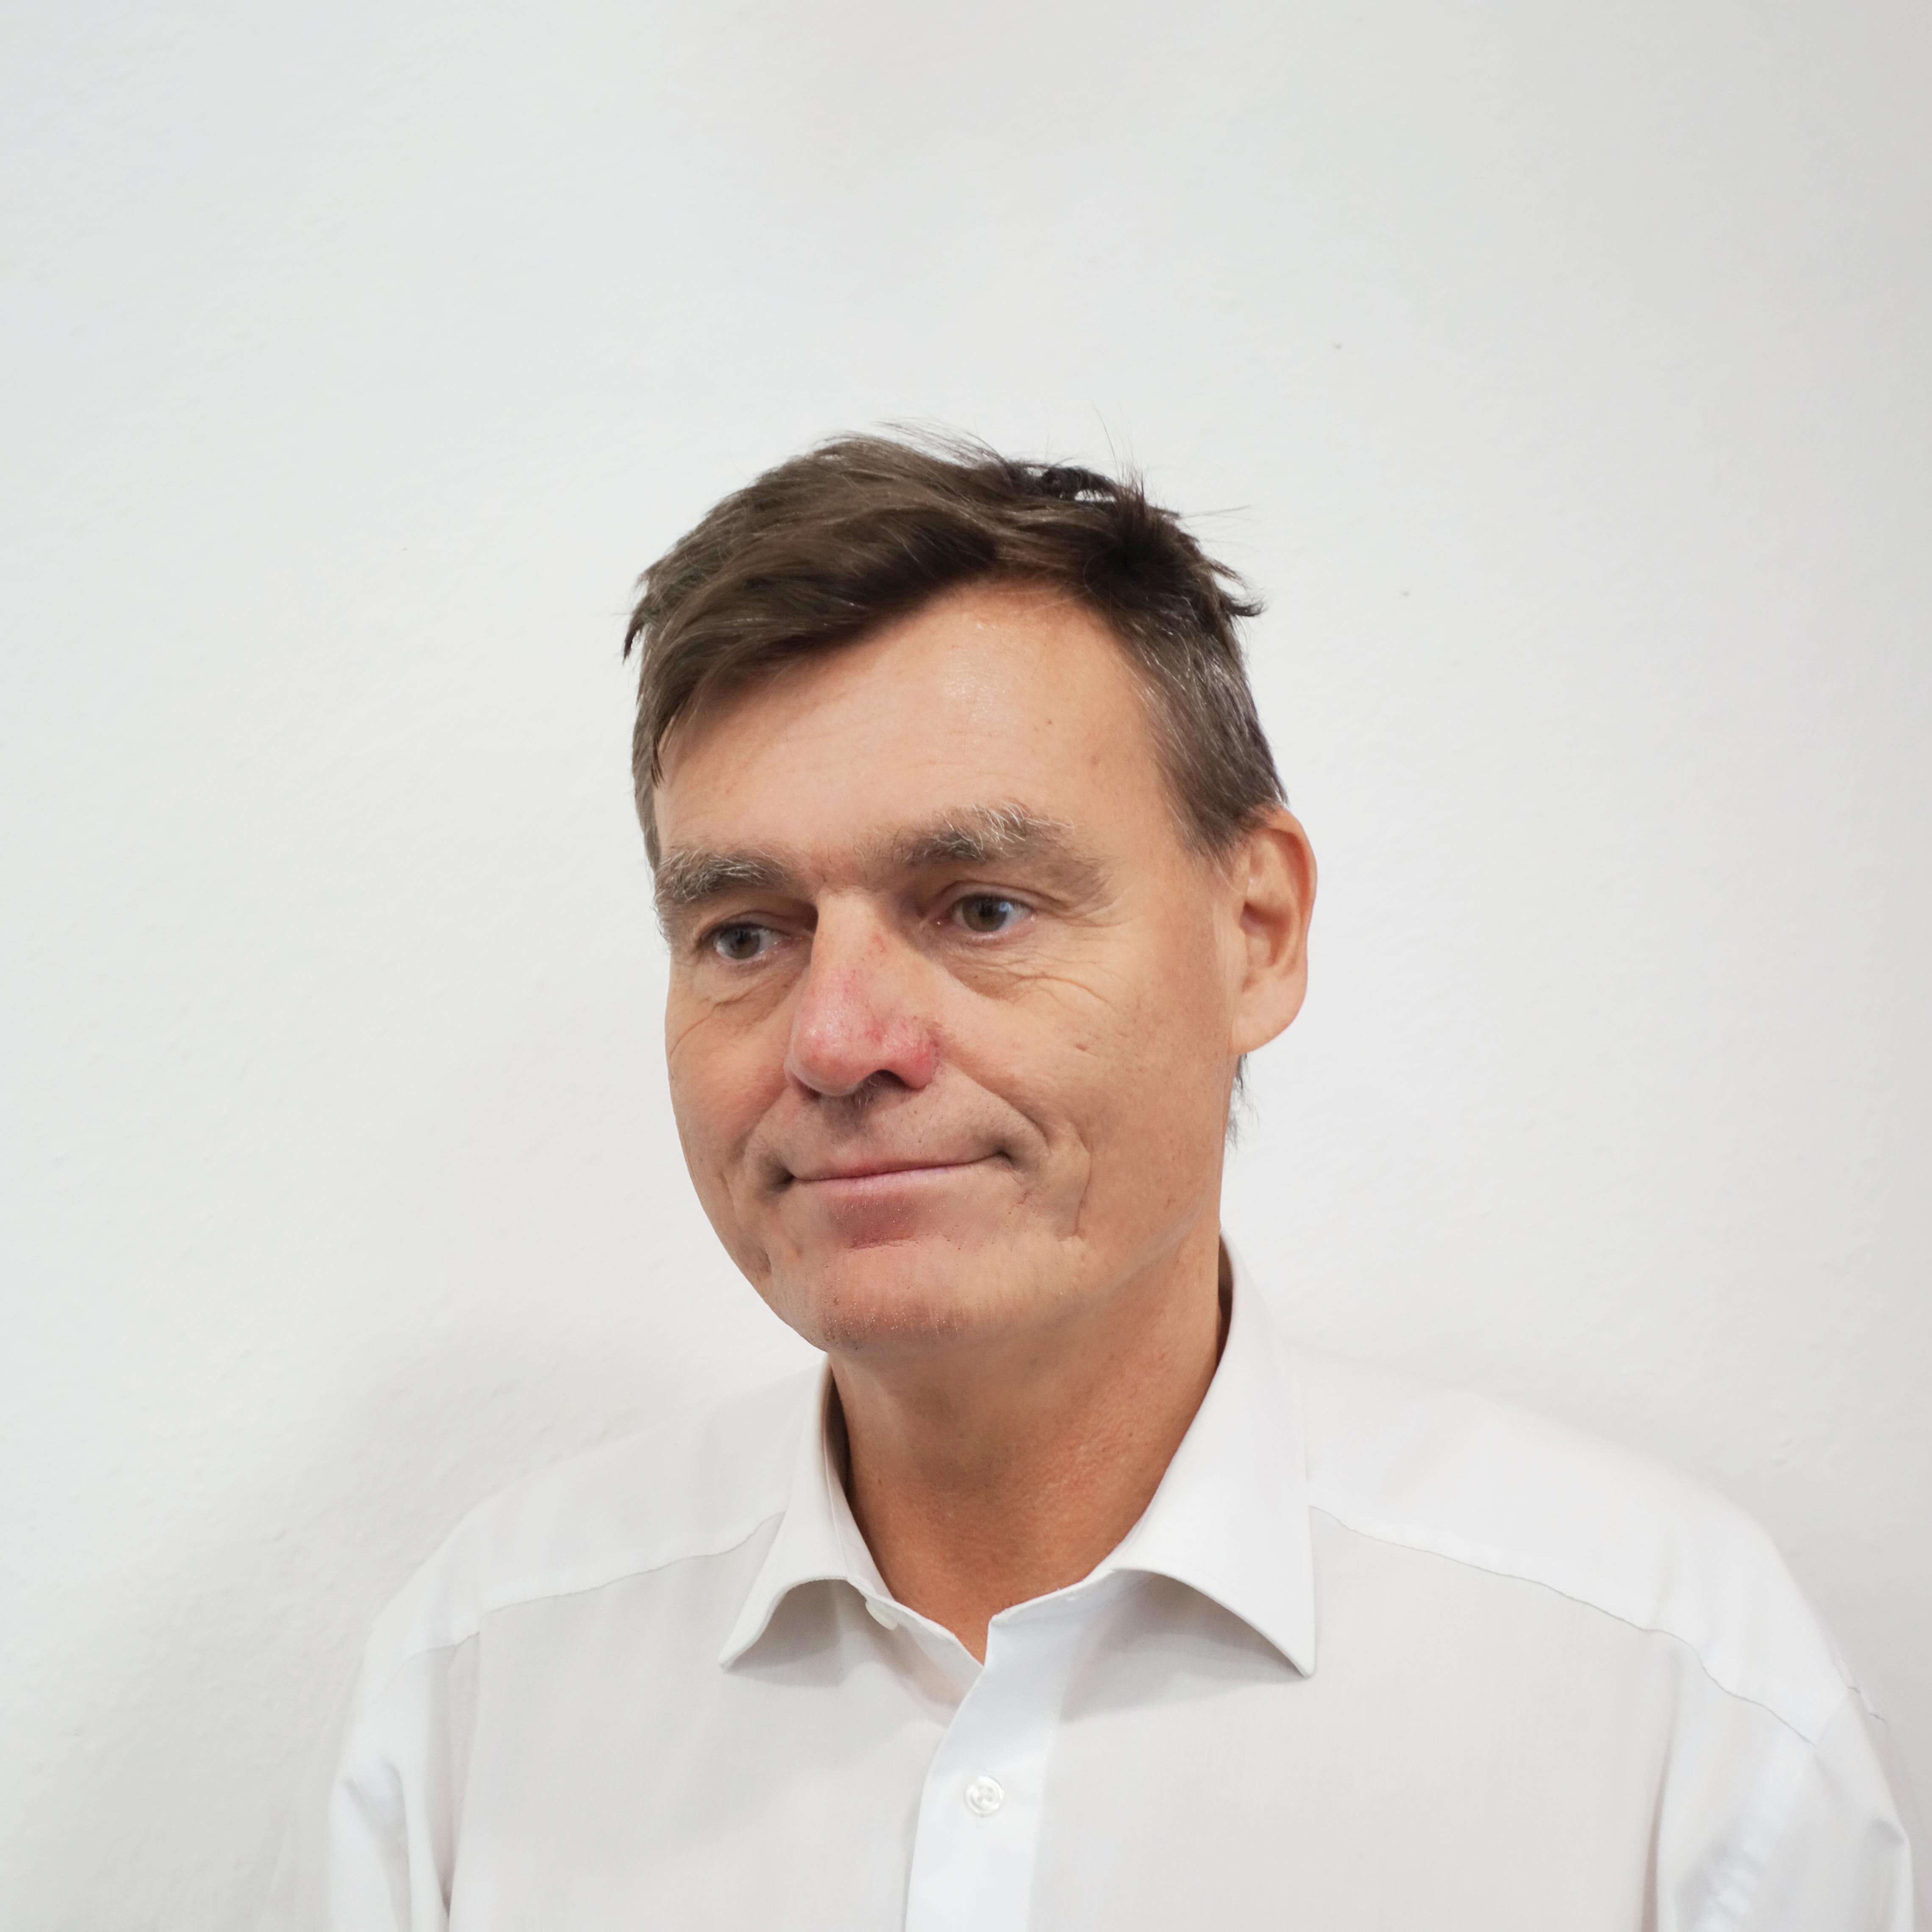 Prof. Vahlensieck